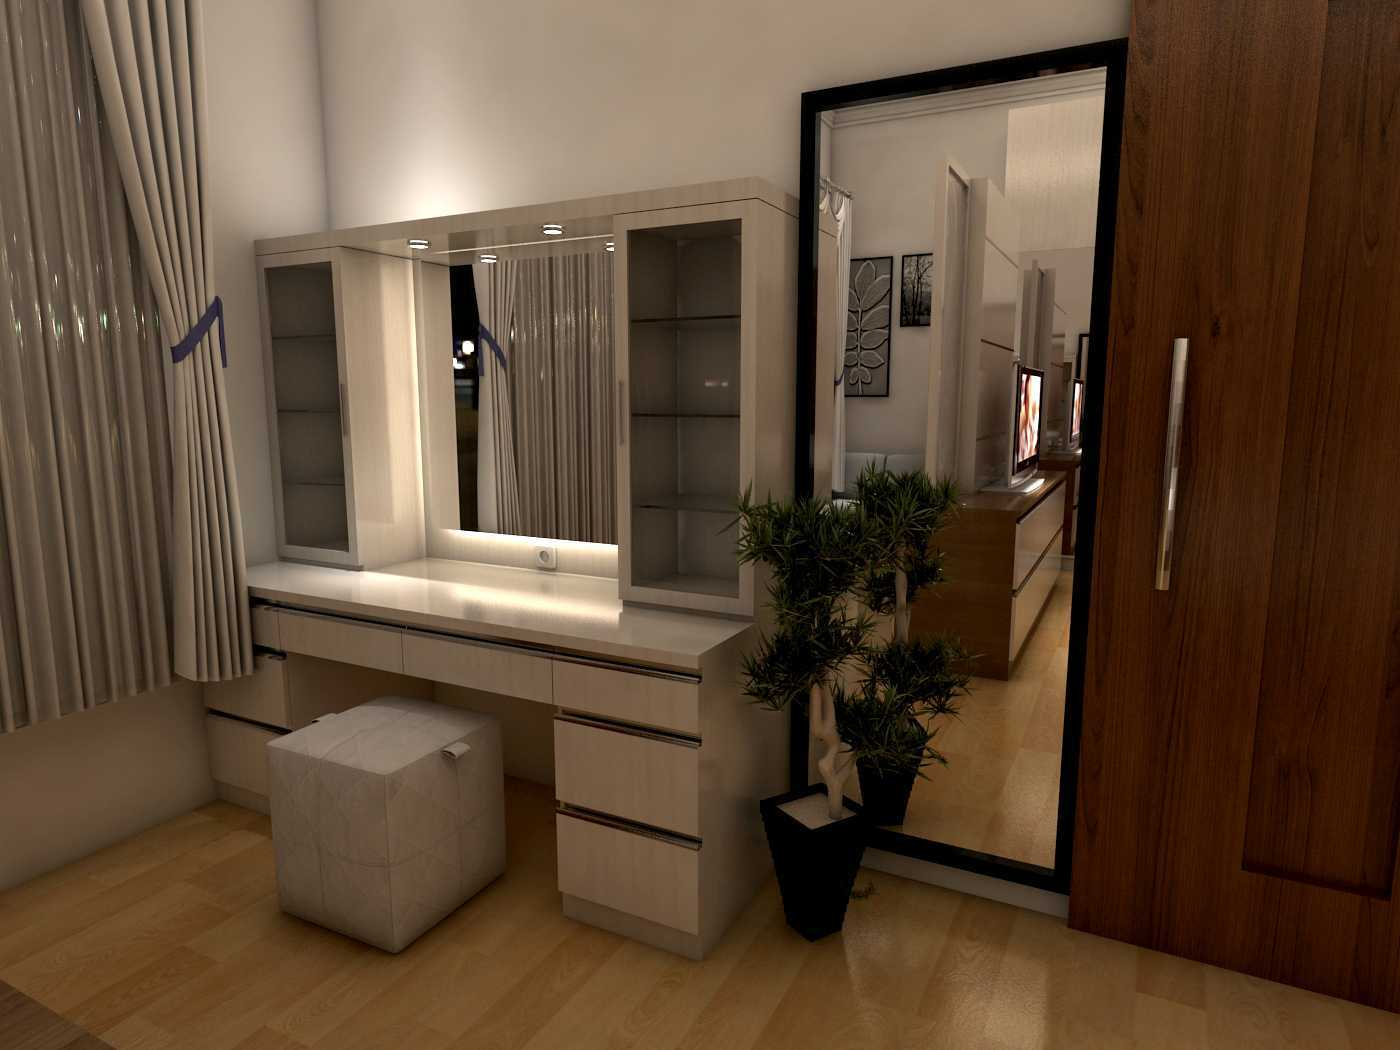 Amadeus Robert Interior Design And Contractor Mi Master Bedroom Kalibata, Jakarta Selatan Kalibata, Jakarta Selatan Master Bedroom  19608